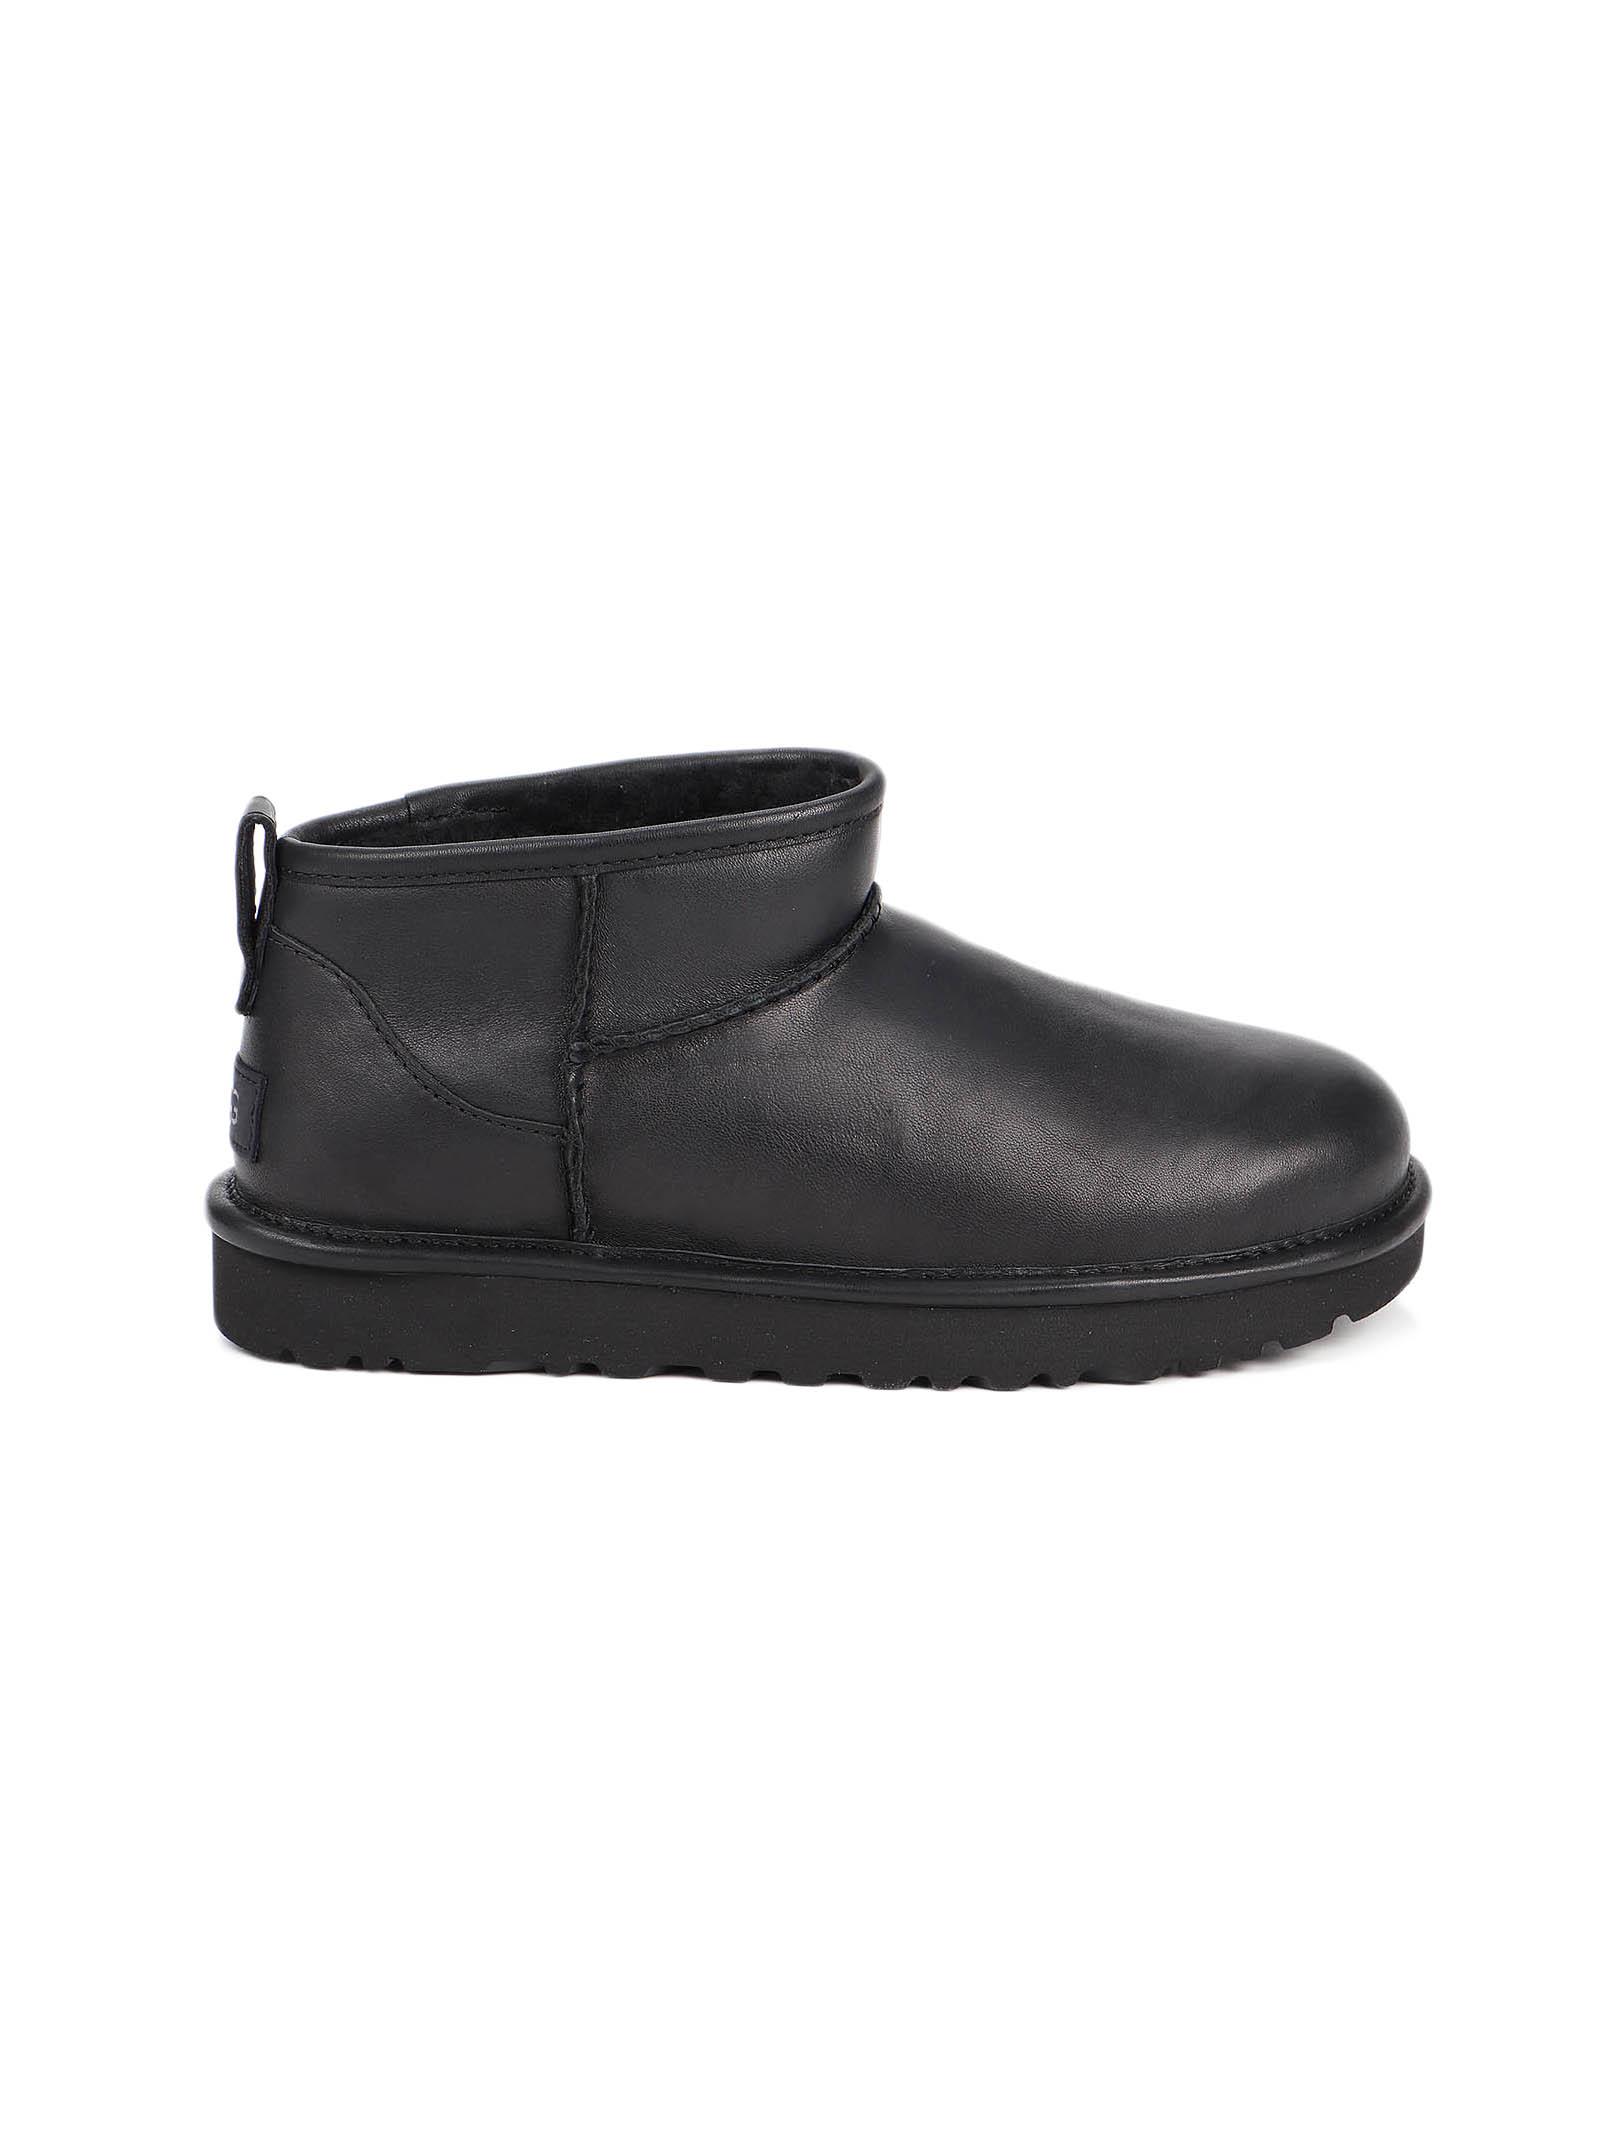 Immagine di Ugg | Classic Ultra Mini  Leather